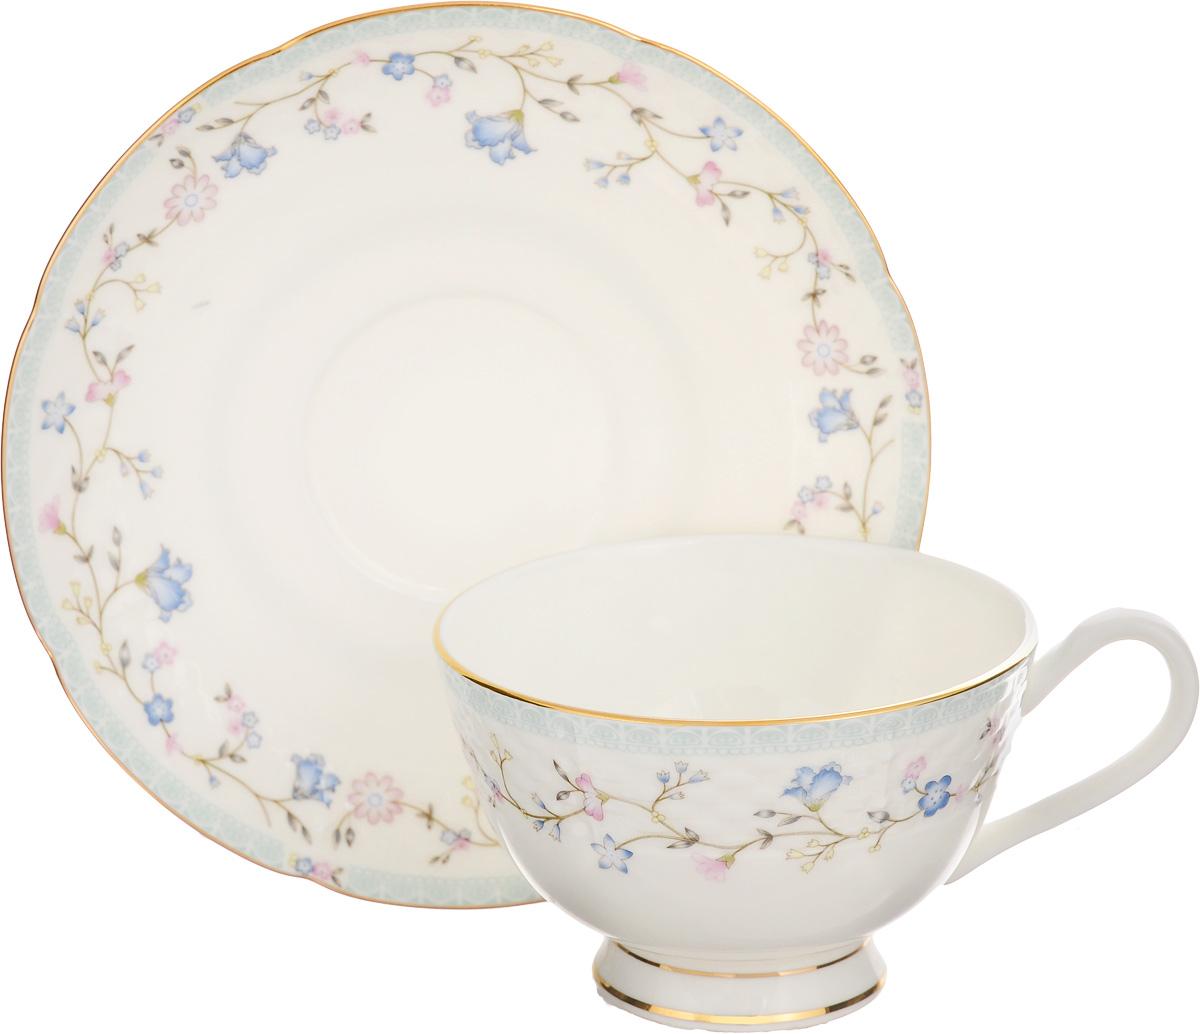 Чайная пара Elan Gallery Нежное утро, 250 мл, 2 предмета530045Чайная пара Elan Gallery Нежное утро состоит из чашки и блюдца, изготовленных из керамики высшего качества, отличающегося необыкновенной прочностью и небольшим весом. Яркий дизайн, несомненно, придется вам по вкусу. Чайная пара Elan Gallery Нежное утро украсит ваш кухонный стол, а также станет замечательным подарком к любому празднику. Не рекомендуется применять абразивные моющие средства. Не использовать в микроволновой печи. Объем чашки: 250 мл. Диаметр чашки (по верхнему краю): 10,5 см. Высота чашки: 7 см. Диаметр блюдца: 15 см. Высота блюдца: 1,5 см.